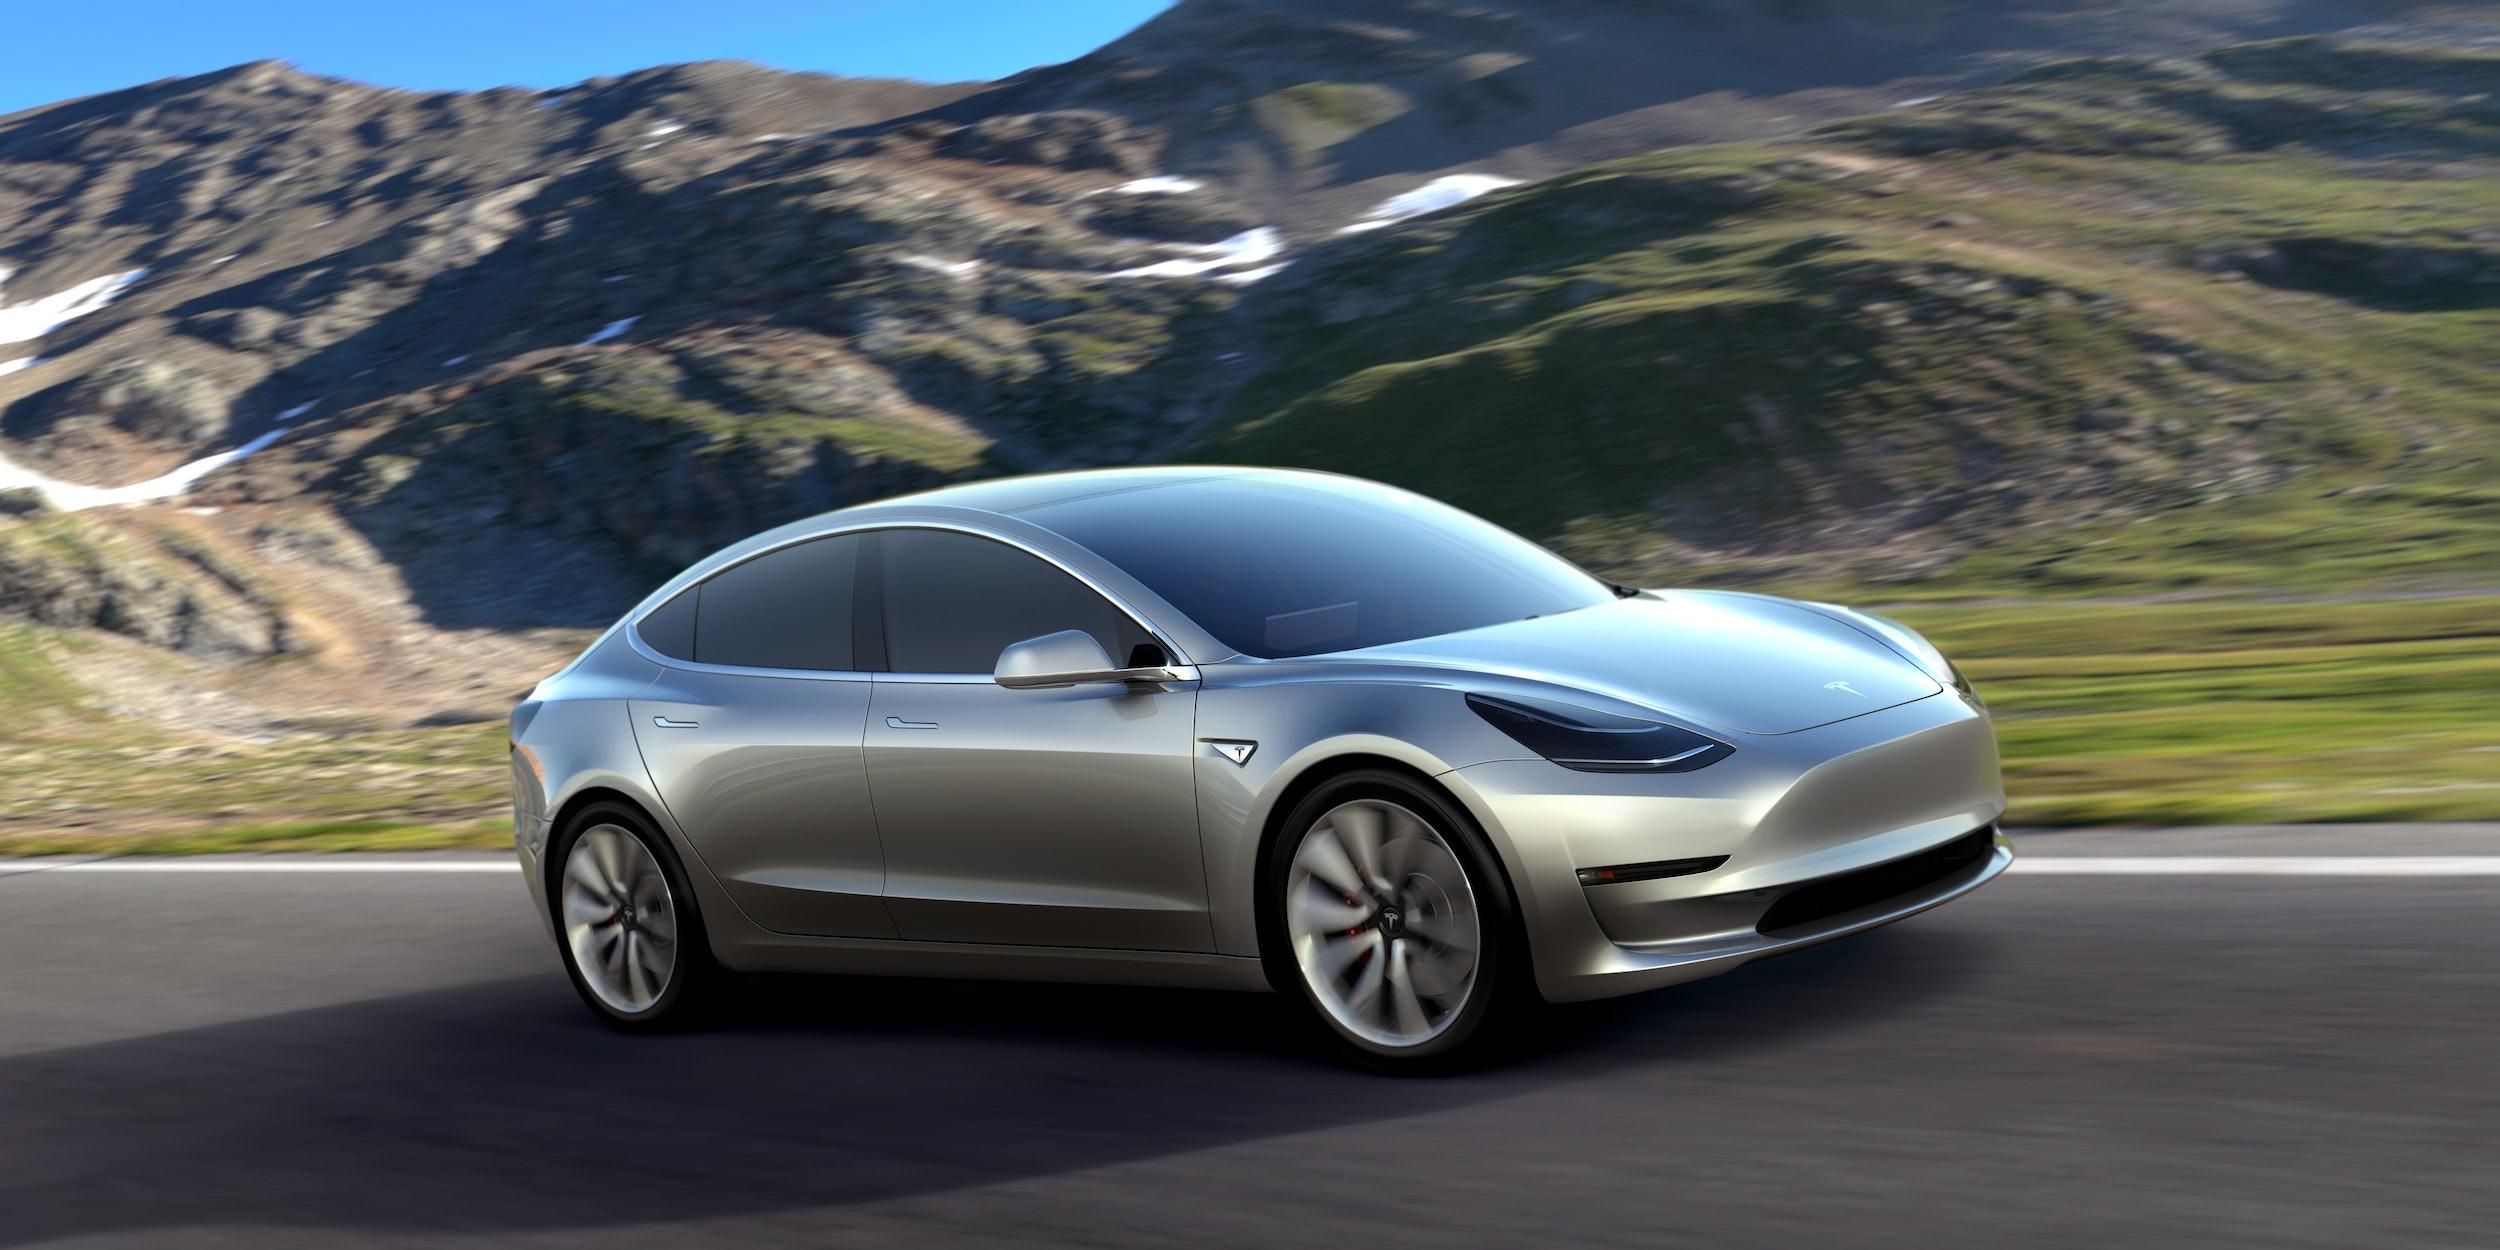 The Tesla Model 3